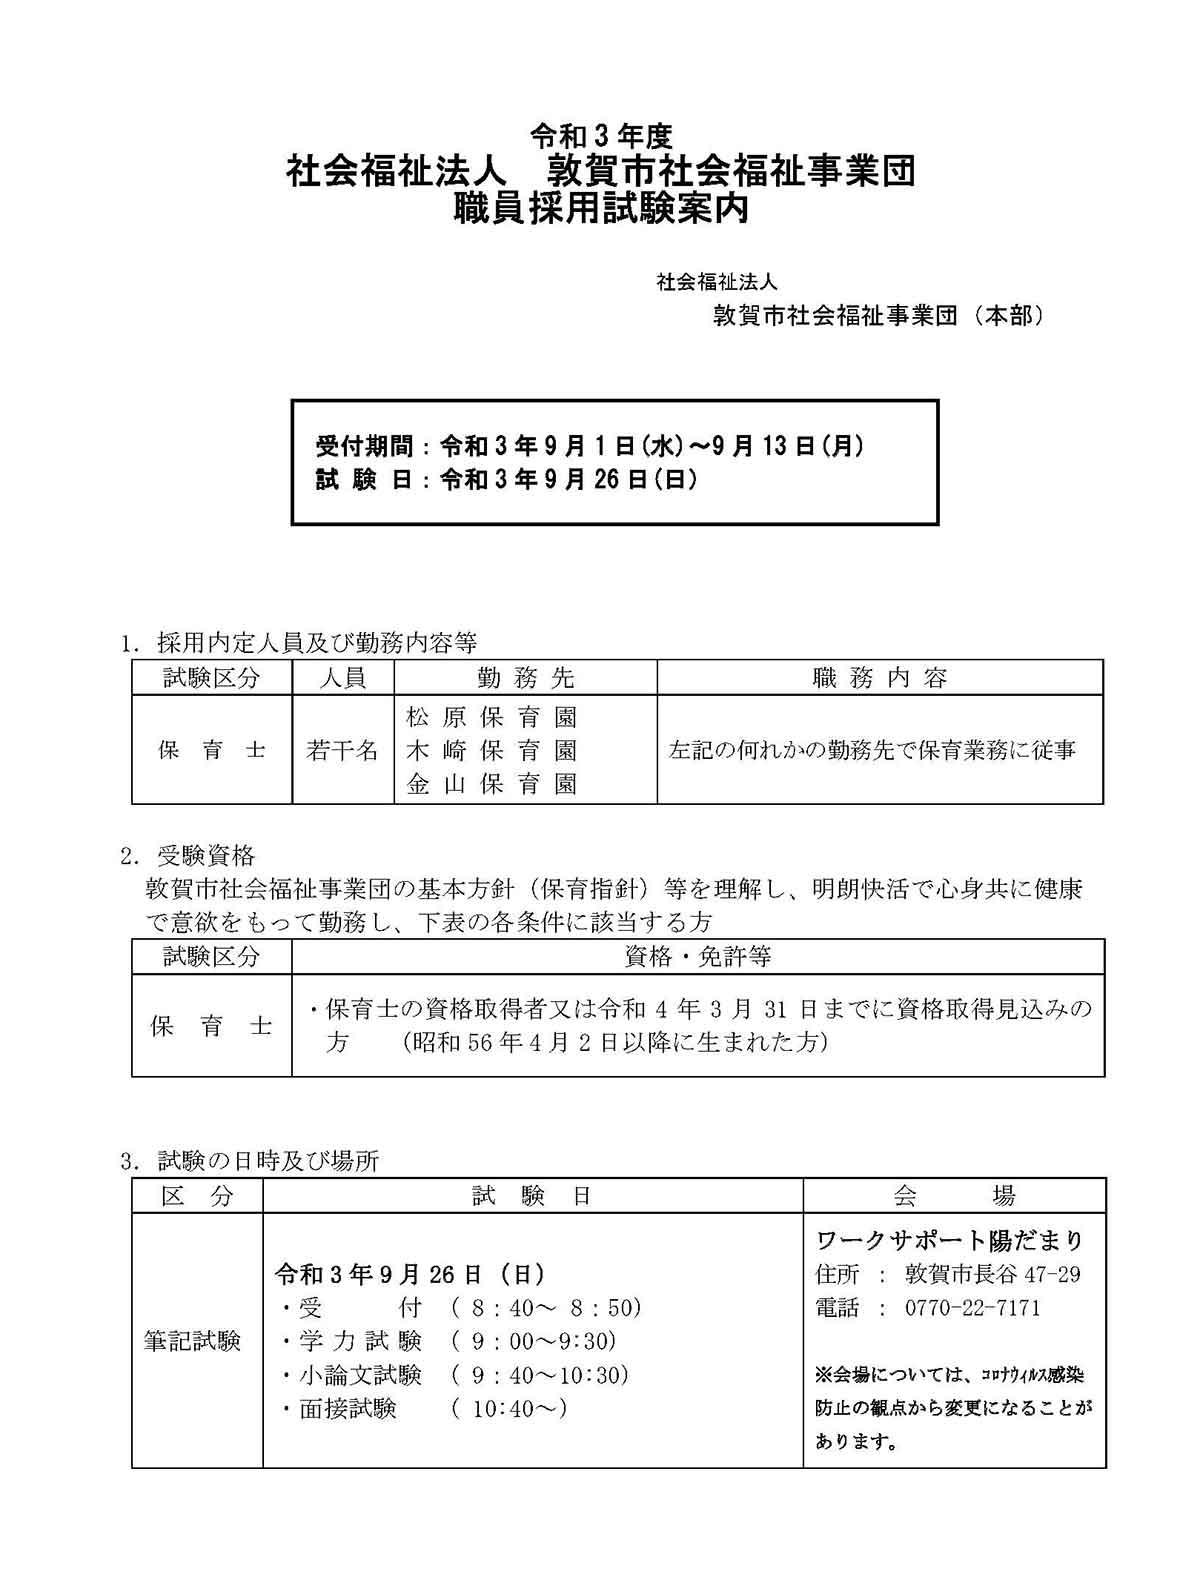 令和3年度職員採用試験案内(追加募集)